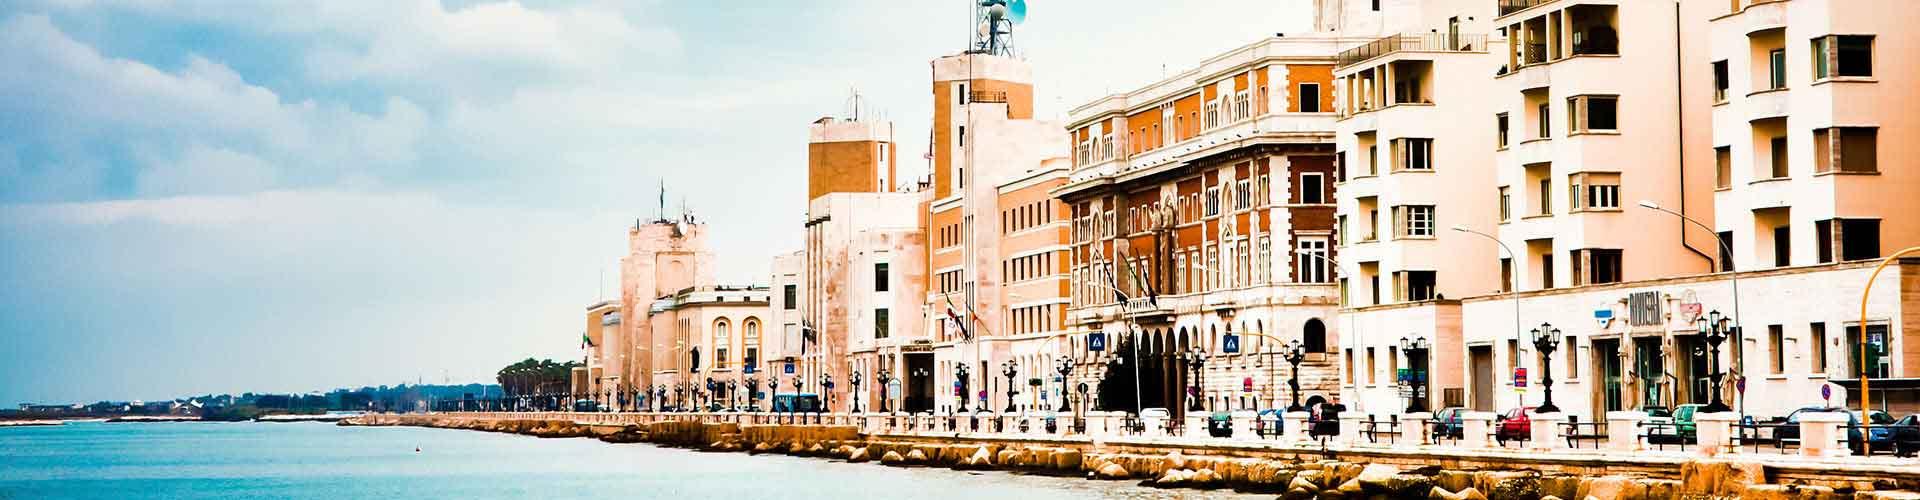 Bari - Hostales en Bari. Mapas de Bari, Fotos y Comentarios para cada hostal en Bari.